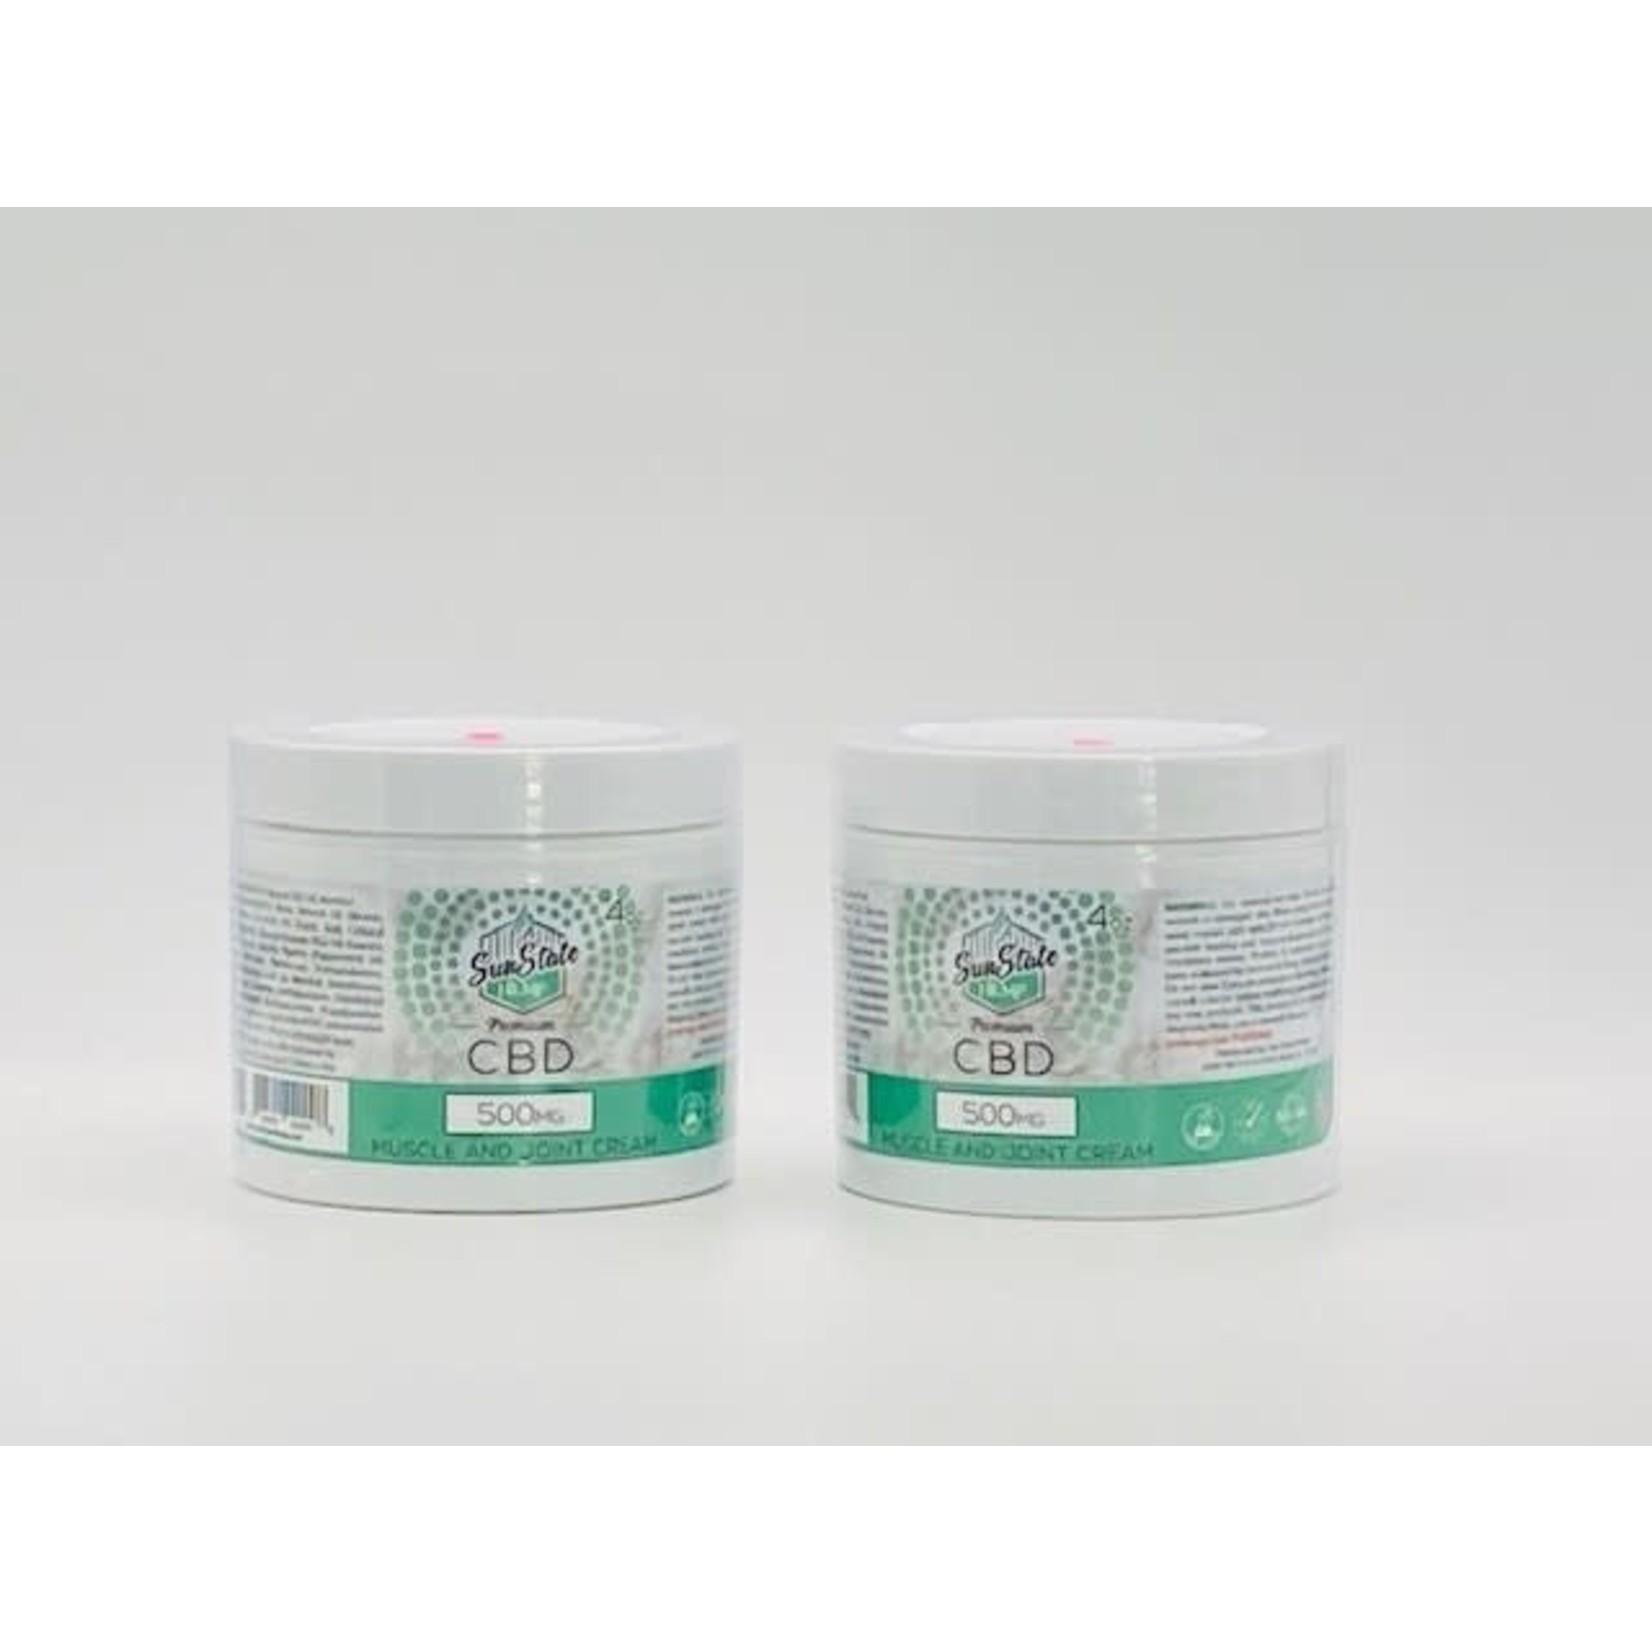 Sun State Hemp SSH CBD Muscle & Joint Cream 500mg